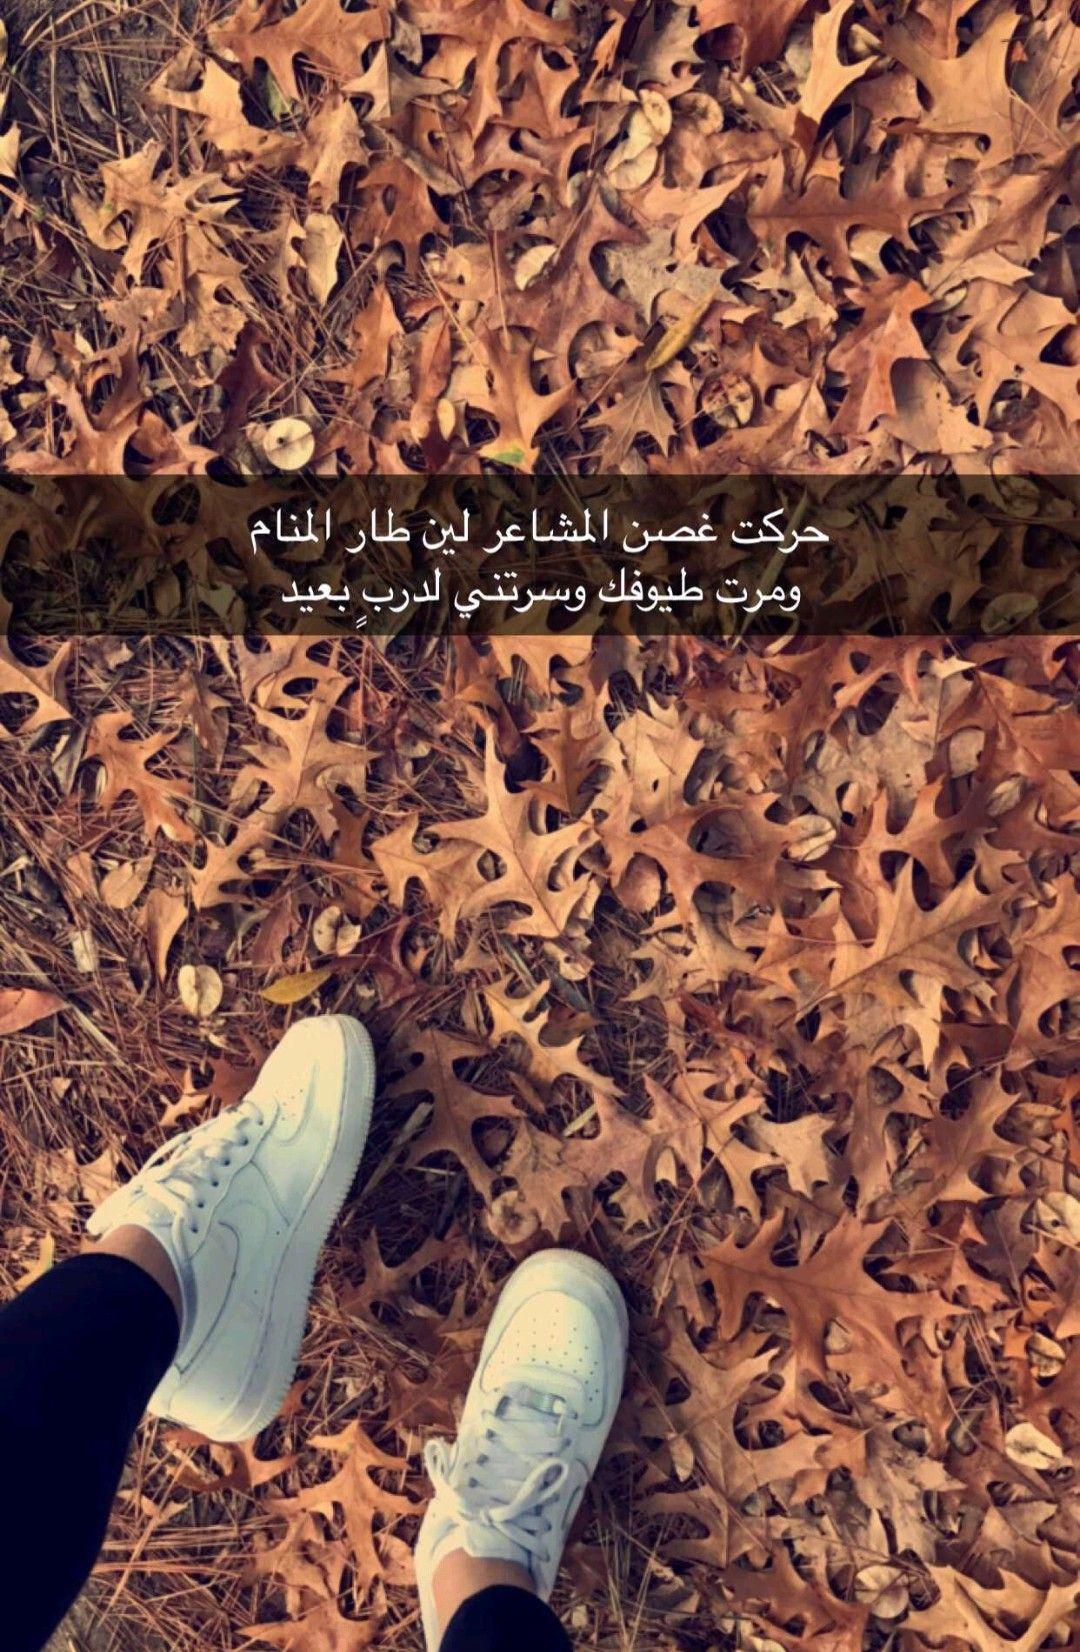 تعال يحب اعيشك بحب مليون عااااممم Arabic Quotes Photo Quotes Profile Pictures Instagram